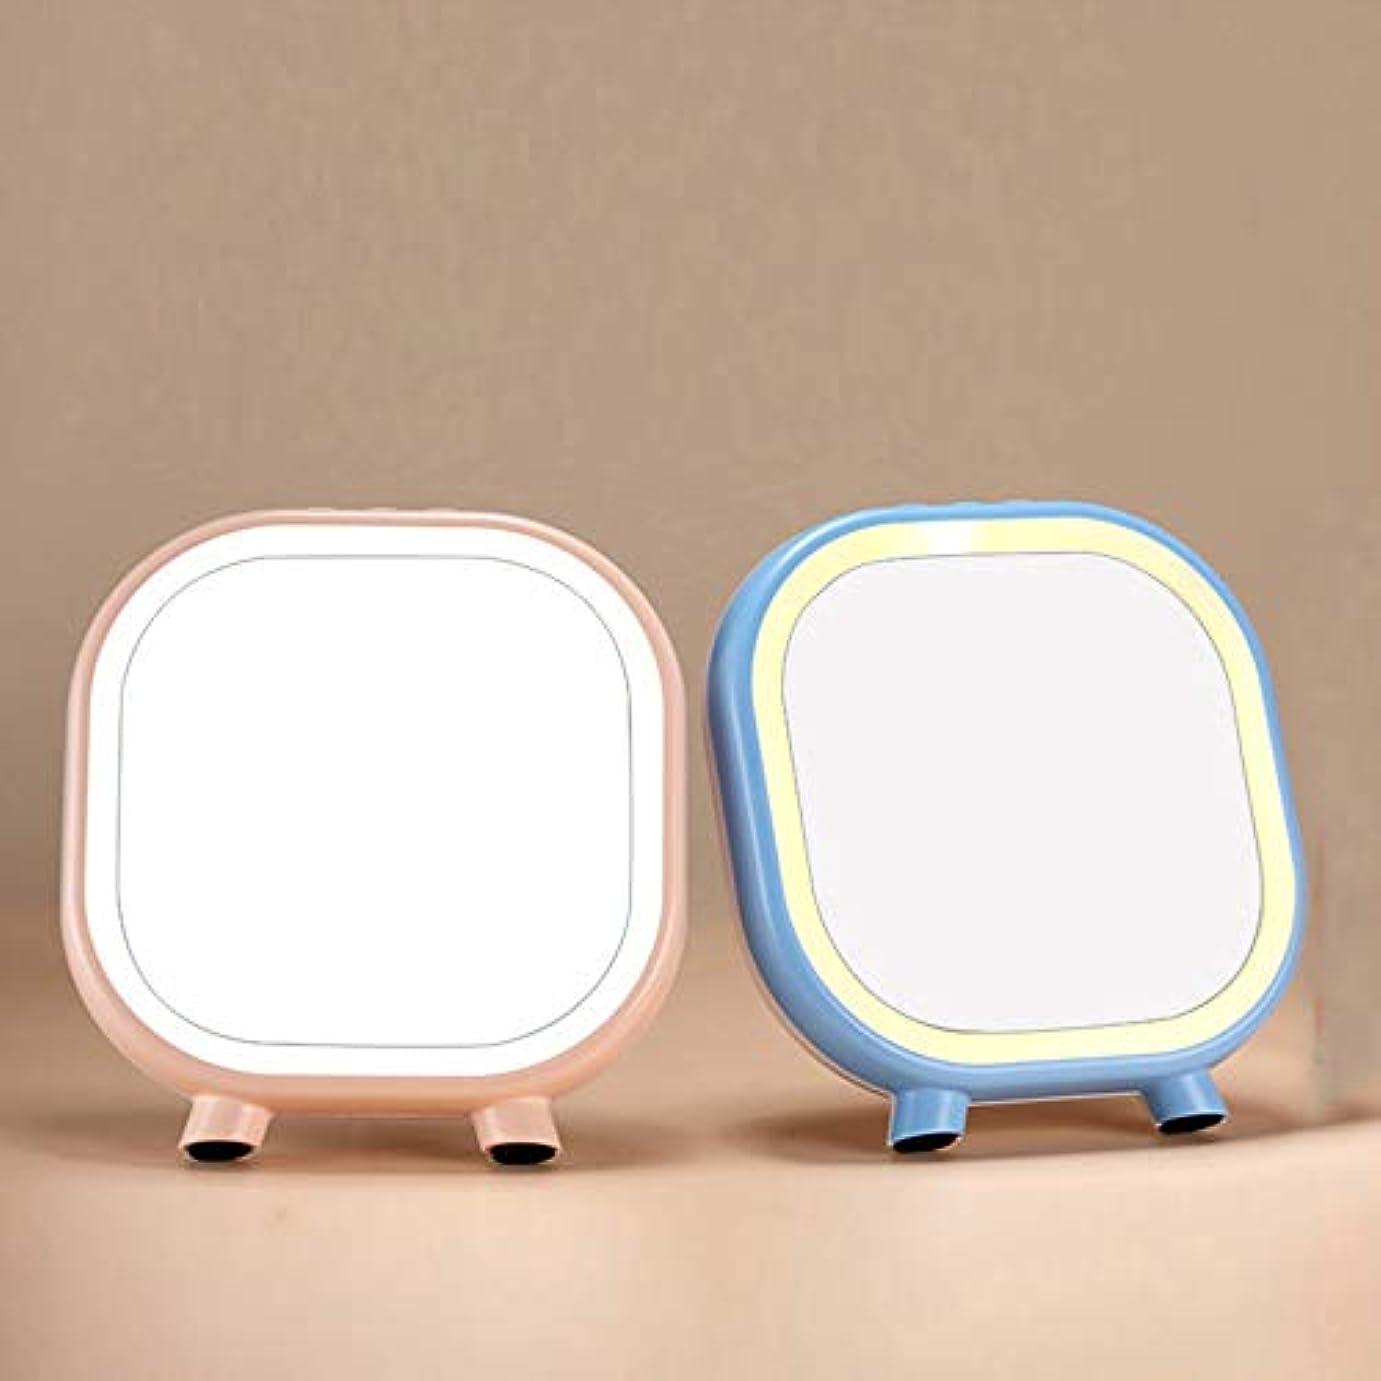 発表ワーディアンケースゴールデン流行の クリエイティブ新しいLED照明ブルートゥーススピーカー美容ミラー化粧鏡化粧鏡ABS材料2ブルーブルー (色 : Blue)